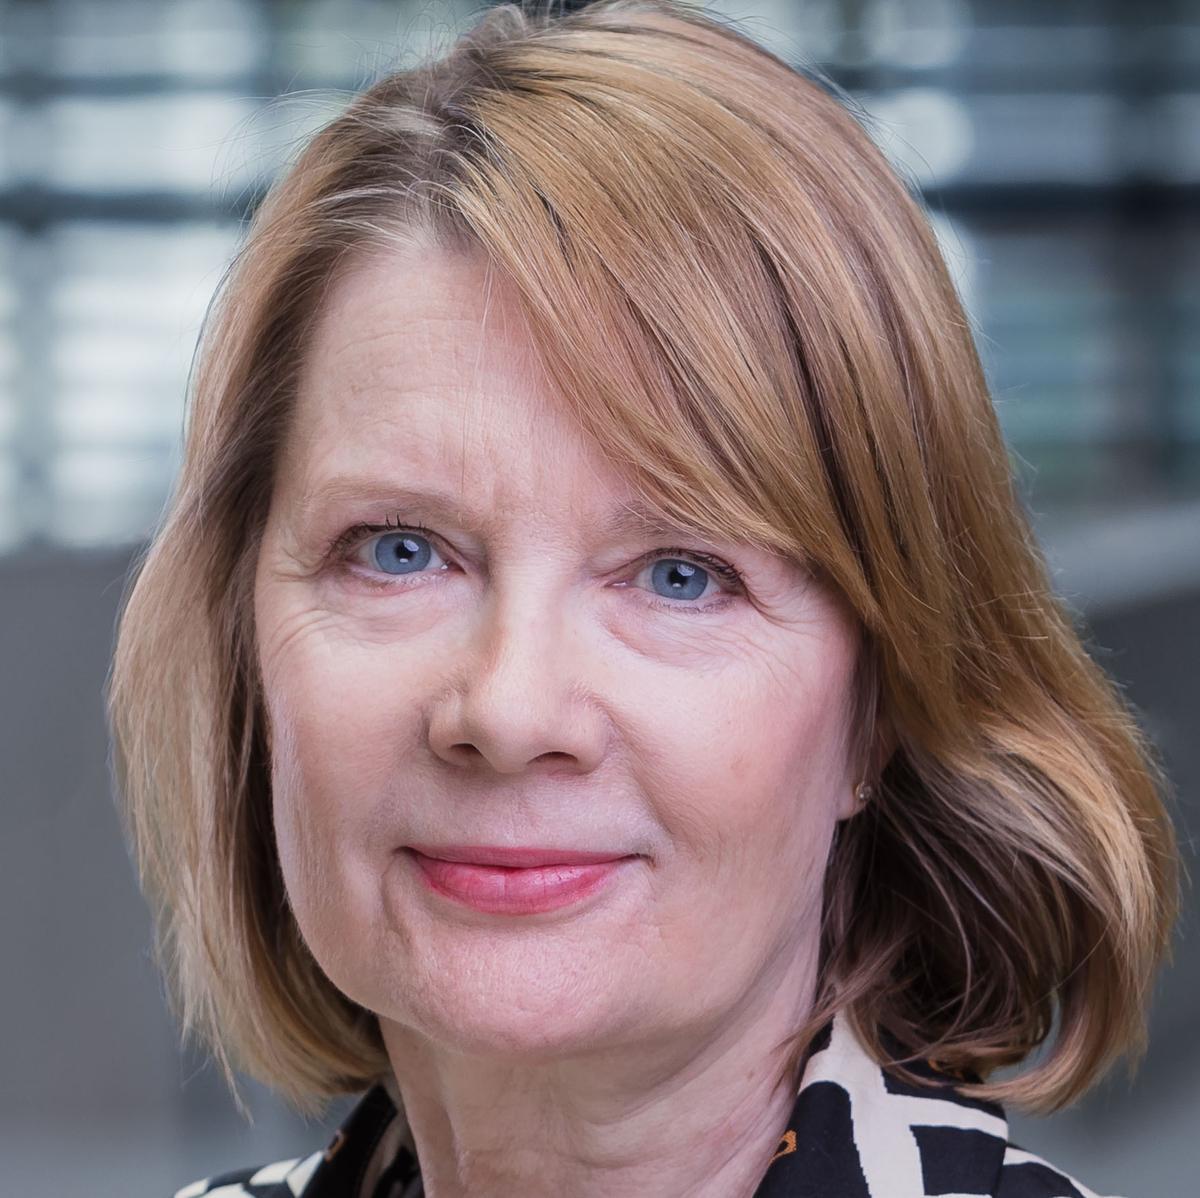 Katrin Schirner